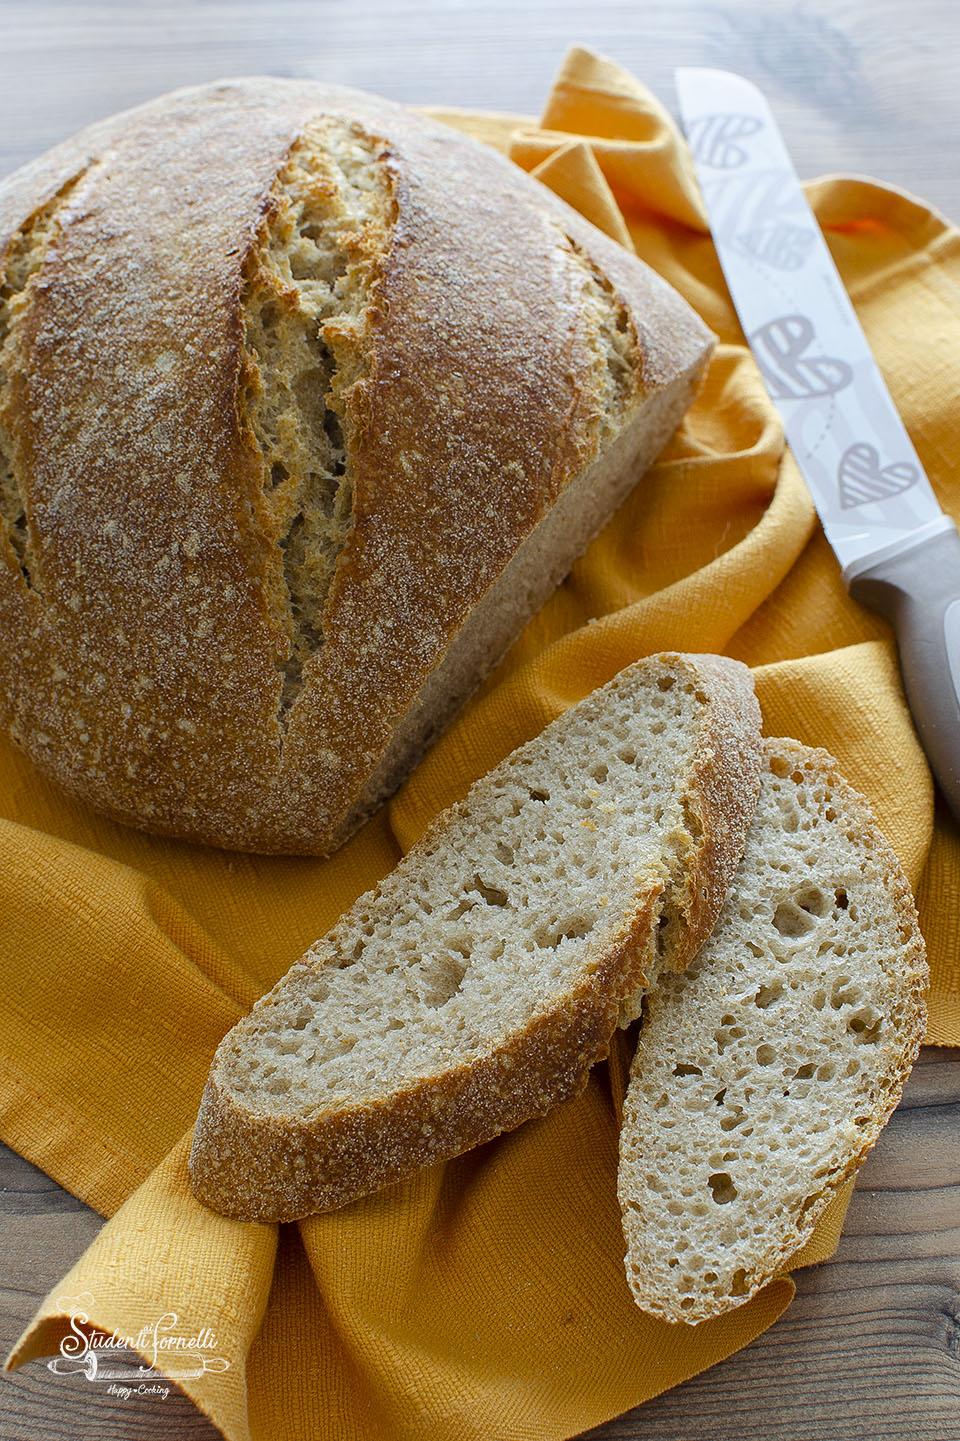 ricetta pane integrale fatto in casa con lievito di birra o madre ricetta